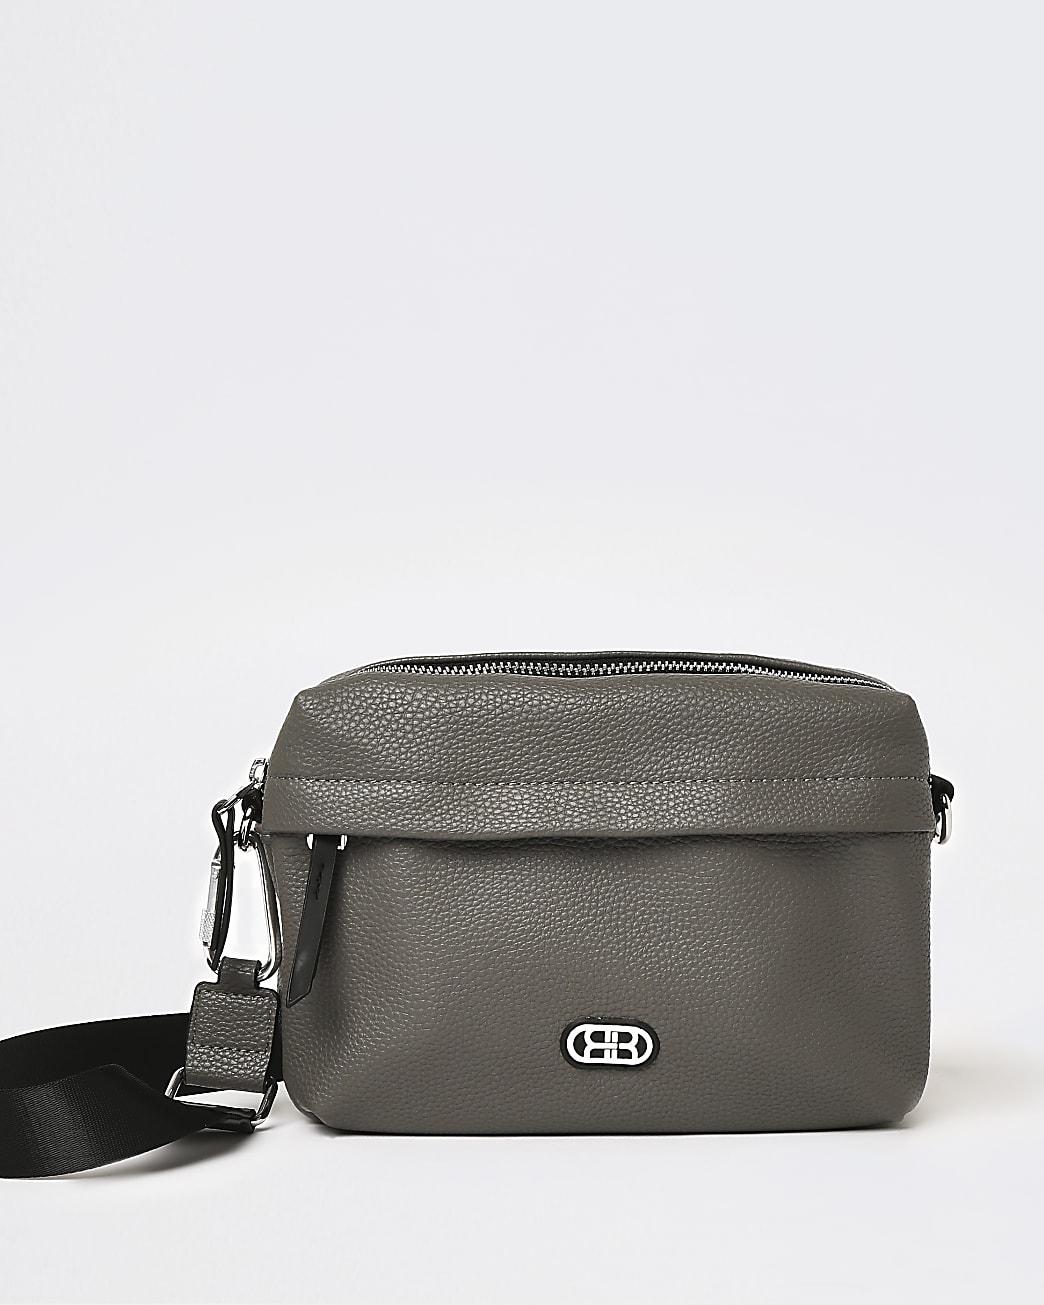 Grey RIR utility cross body bag